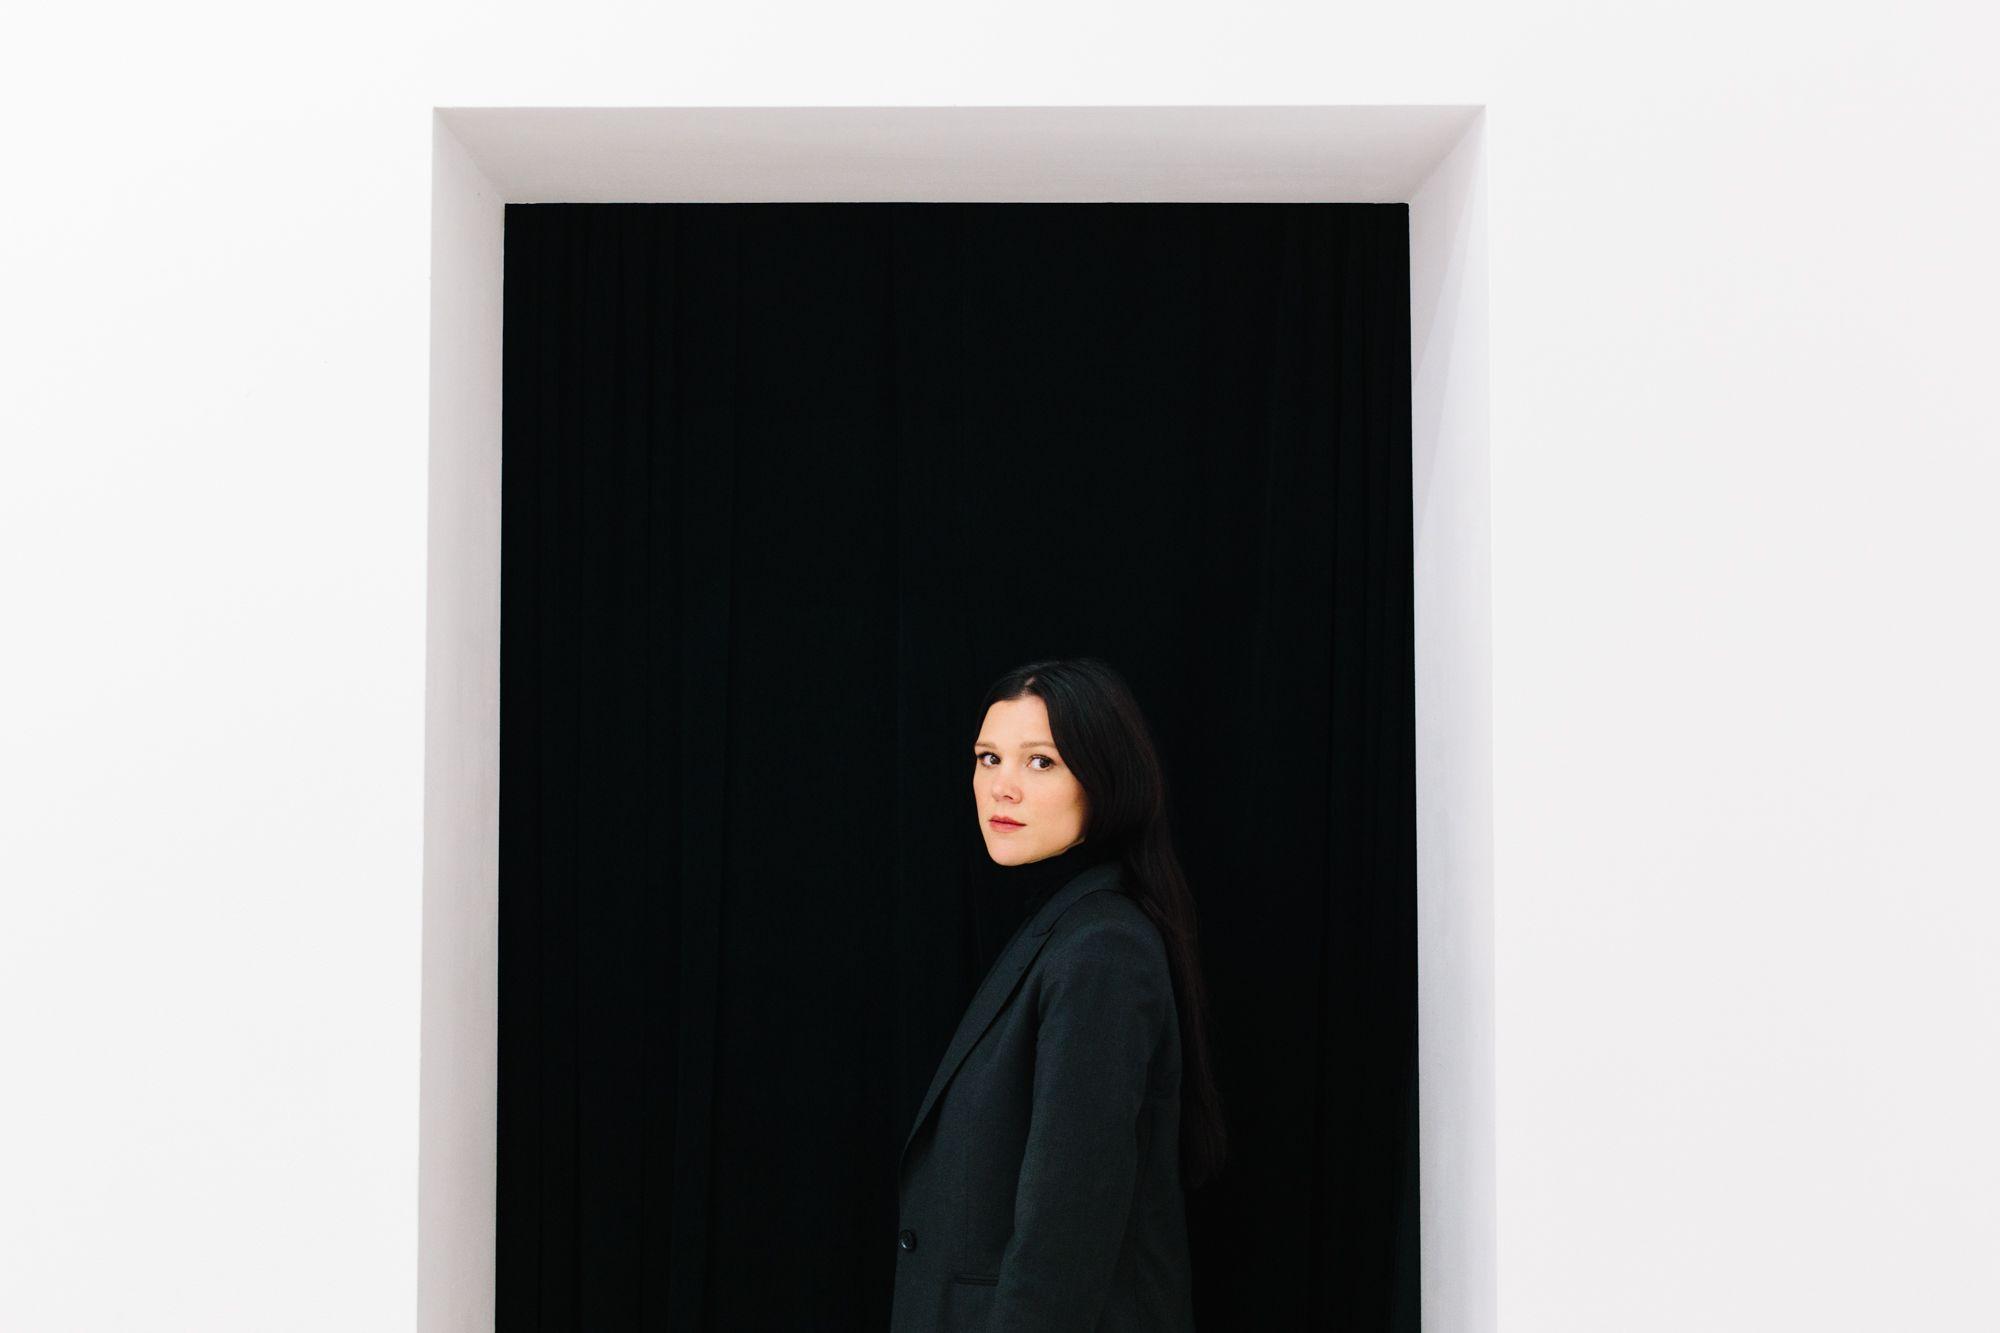 1c3f66e316 Vyšívané obrazy české umělkyně okouzlily Vídeň